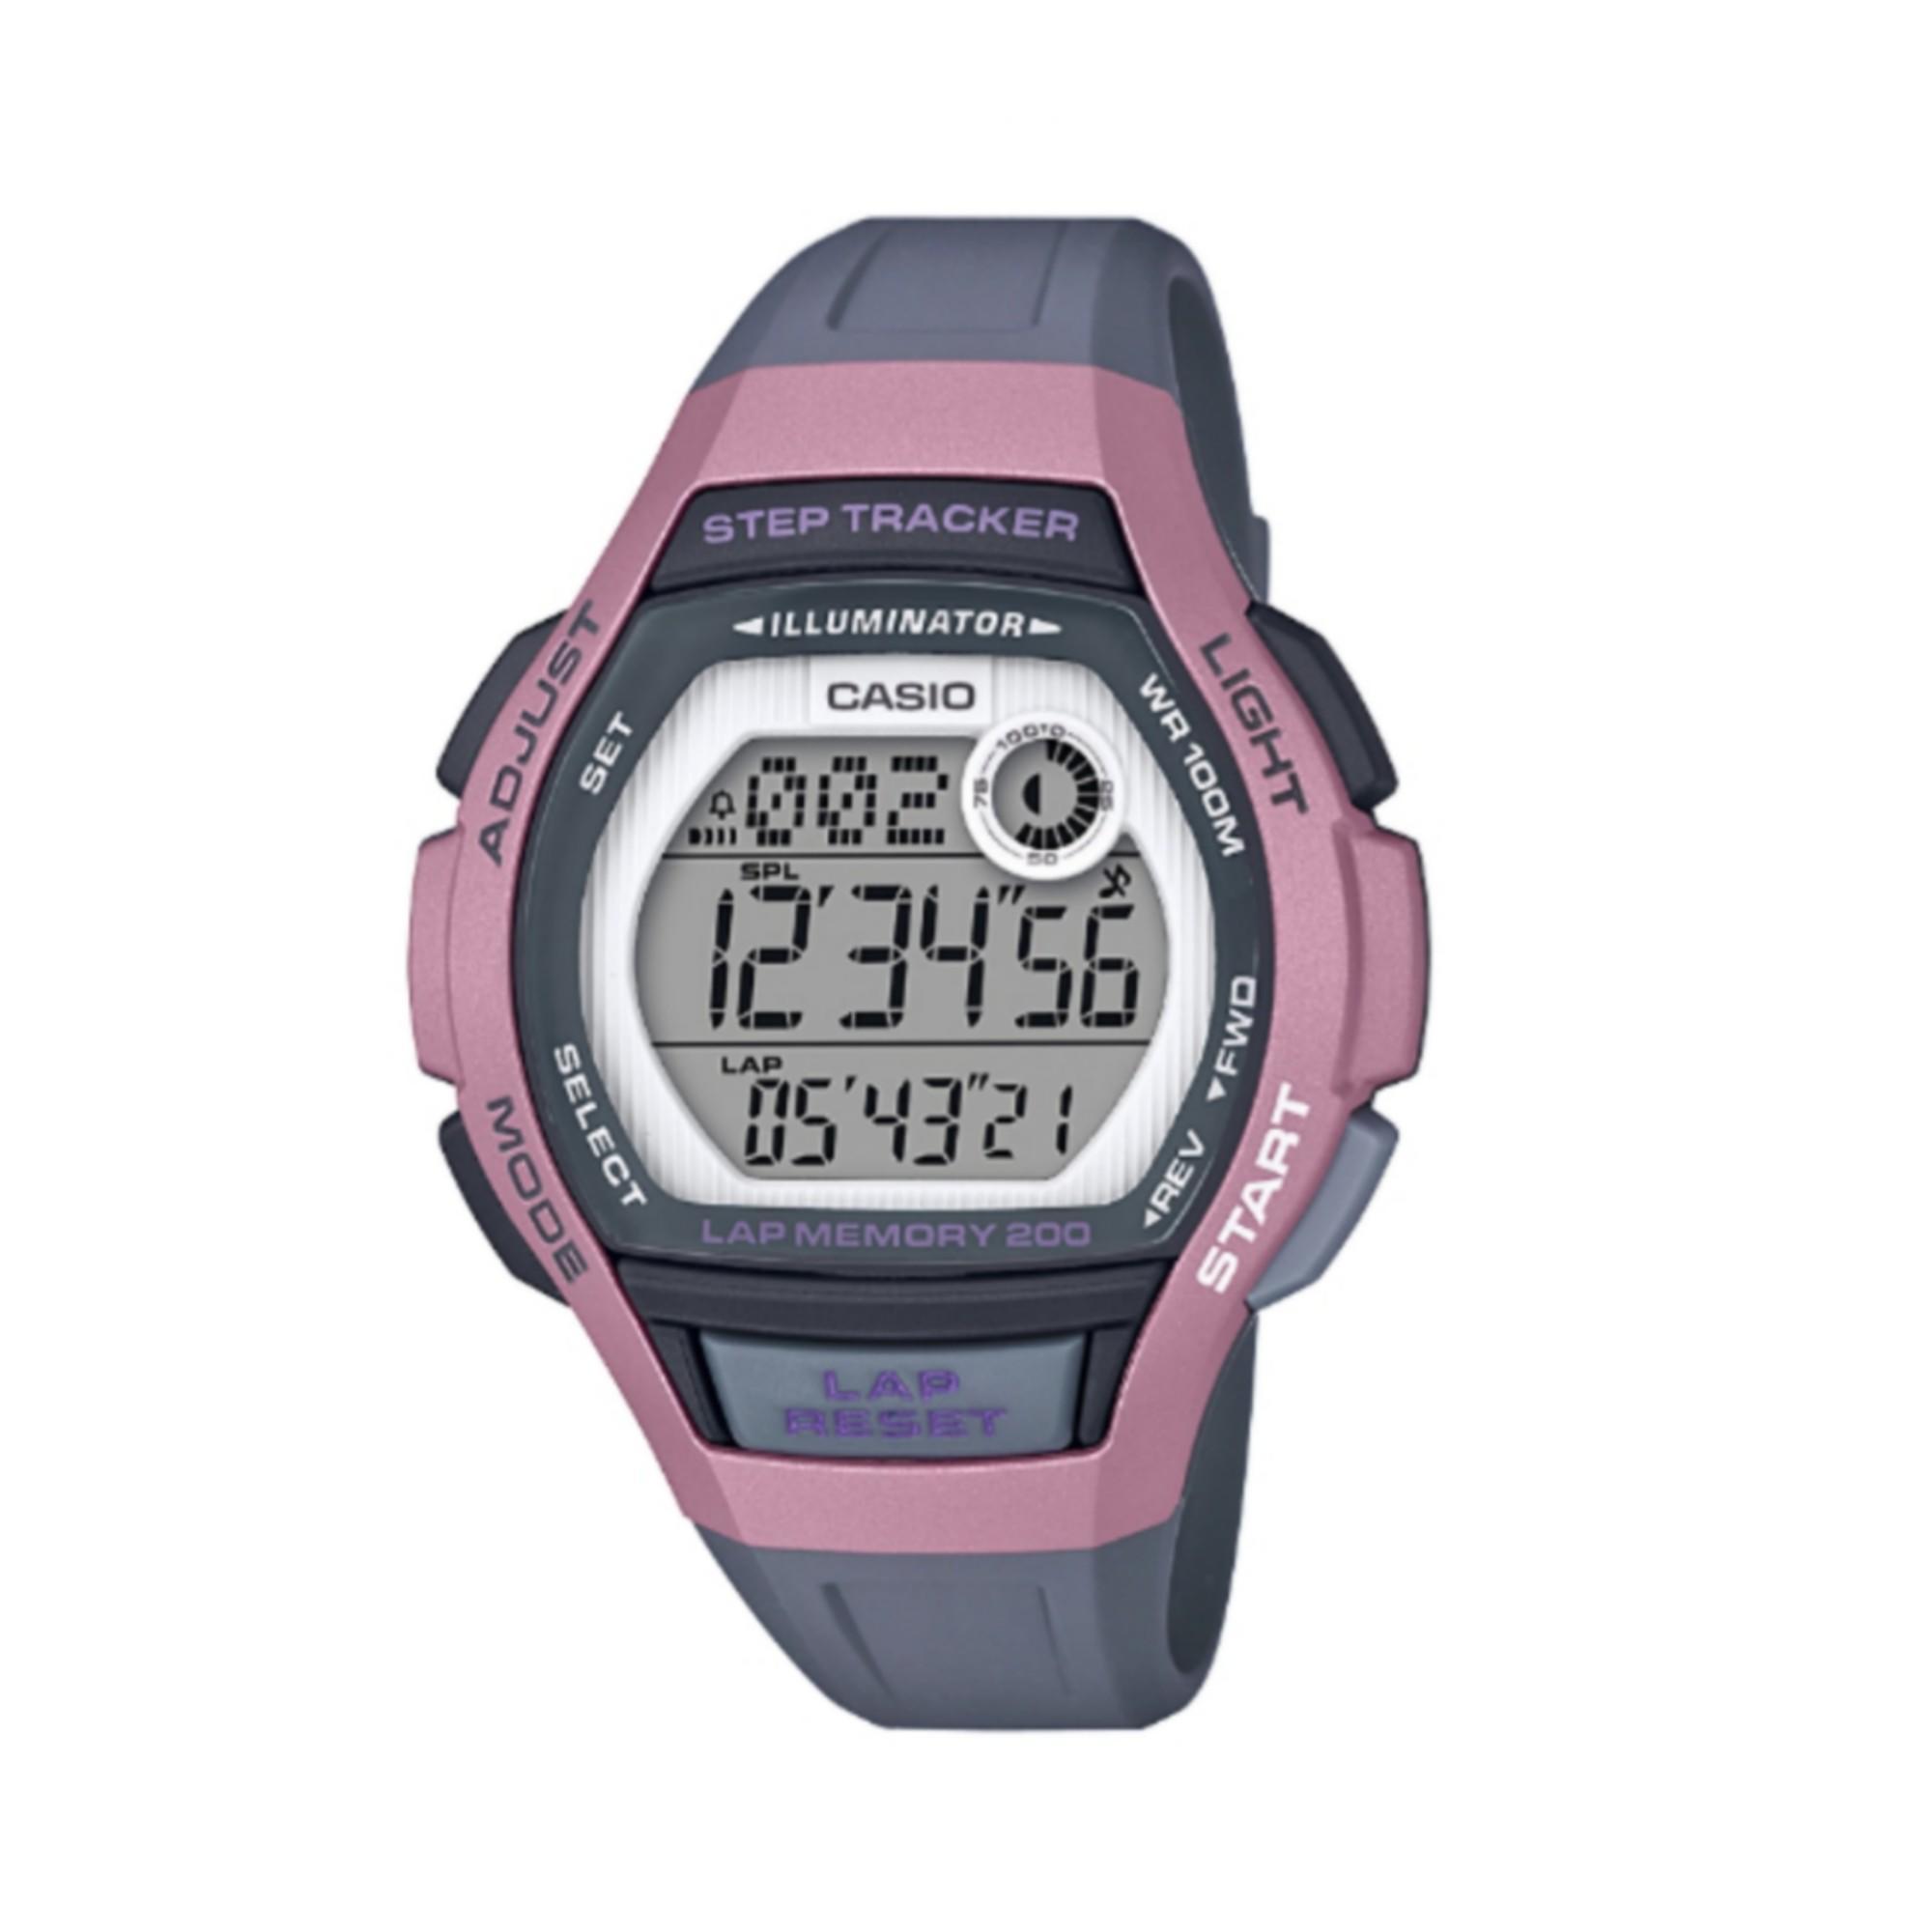 3de5afdbca6d Reloj Cronómetro Running Casio LWS-1000 4AVEF Gris Rosa Casio ...